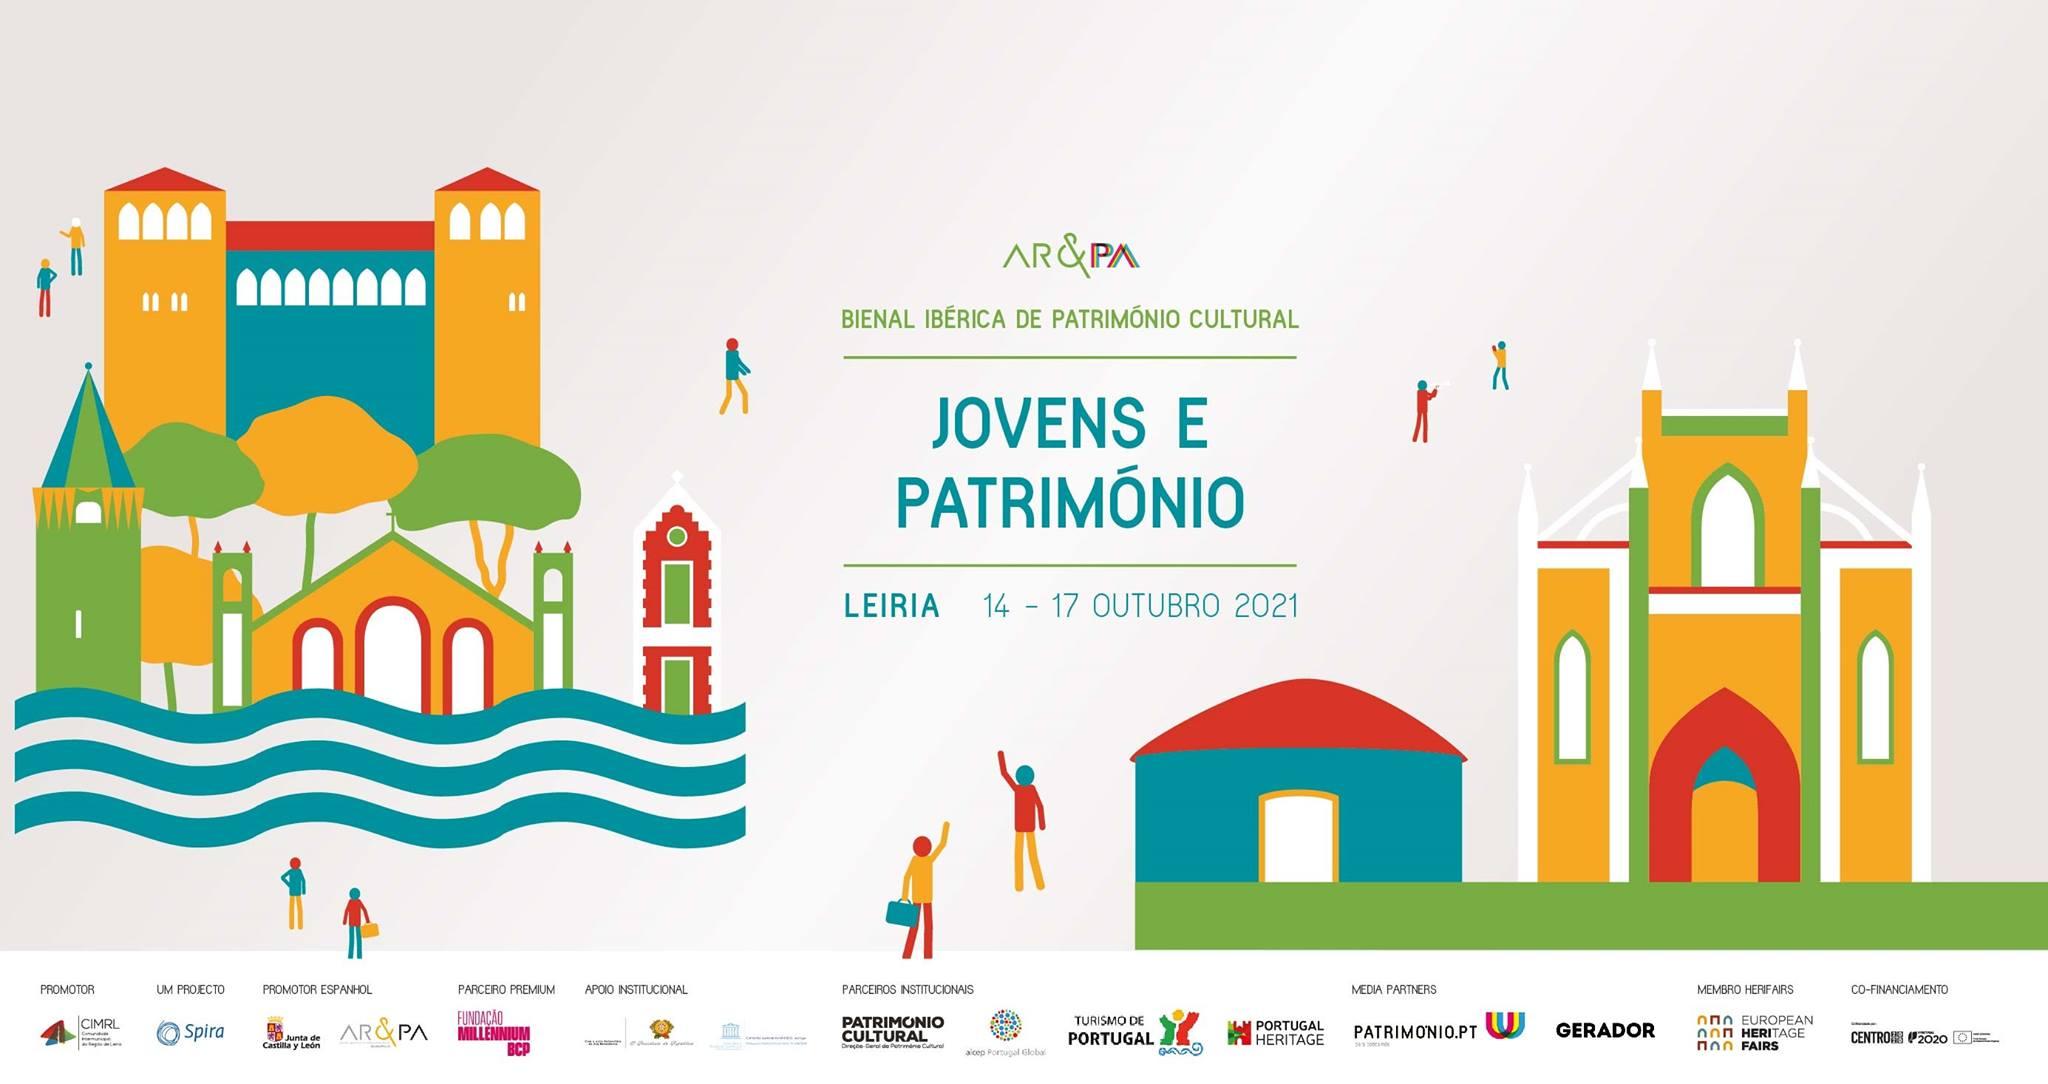 AR&PA Bienal Ibérica de Património Cultural 2021